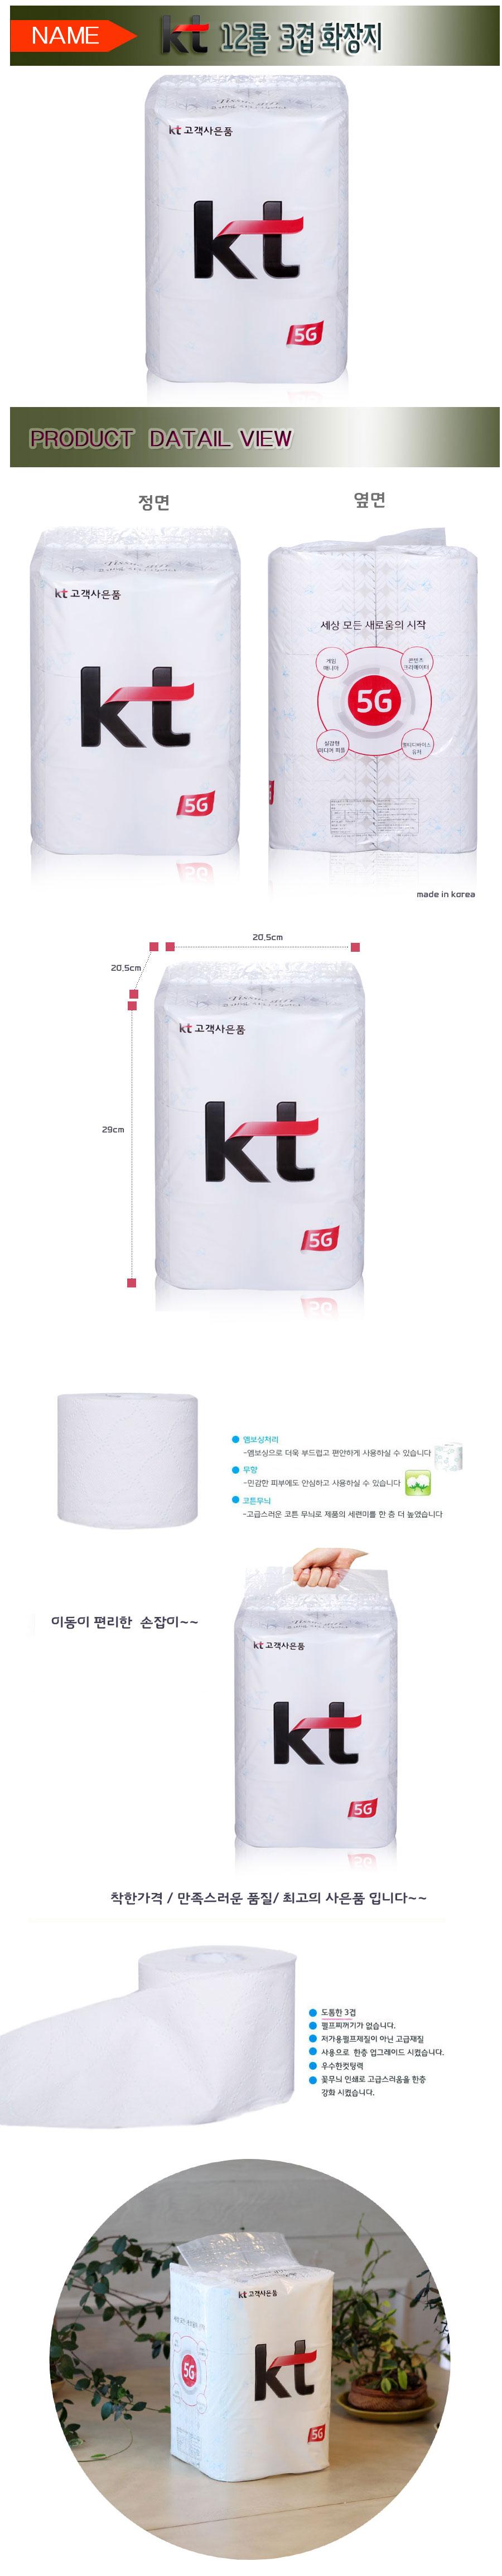 kt12roll.jpg (900×4620)